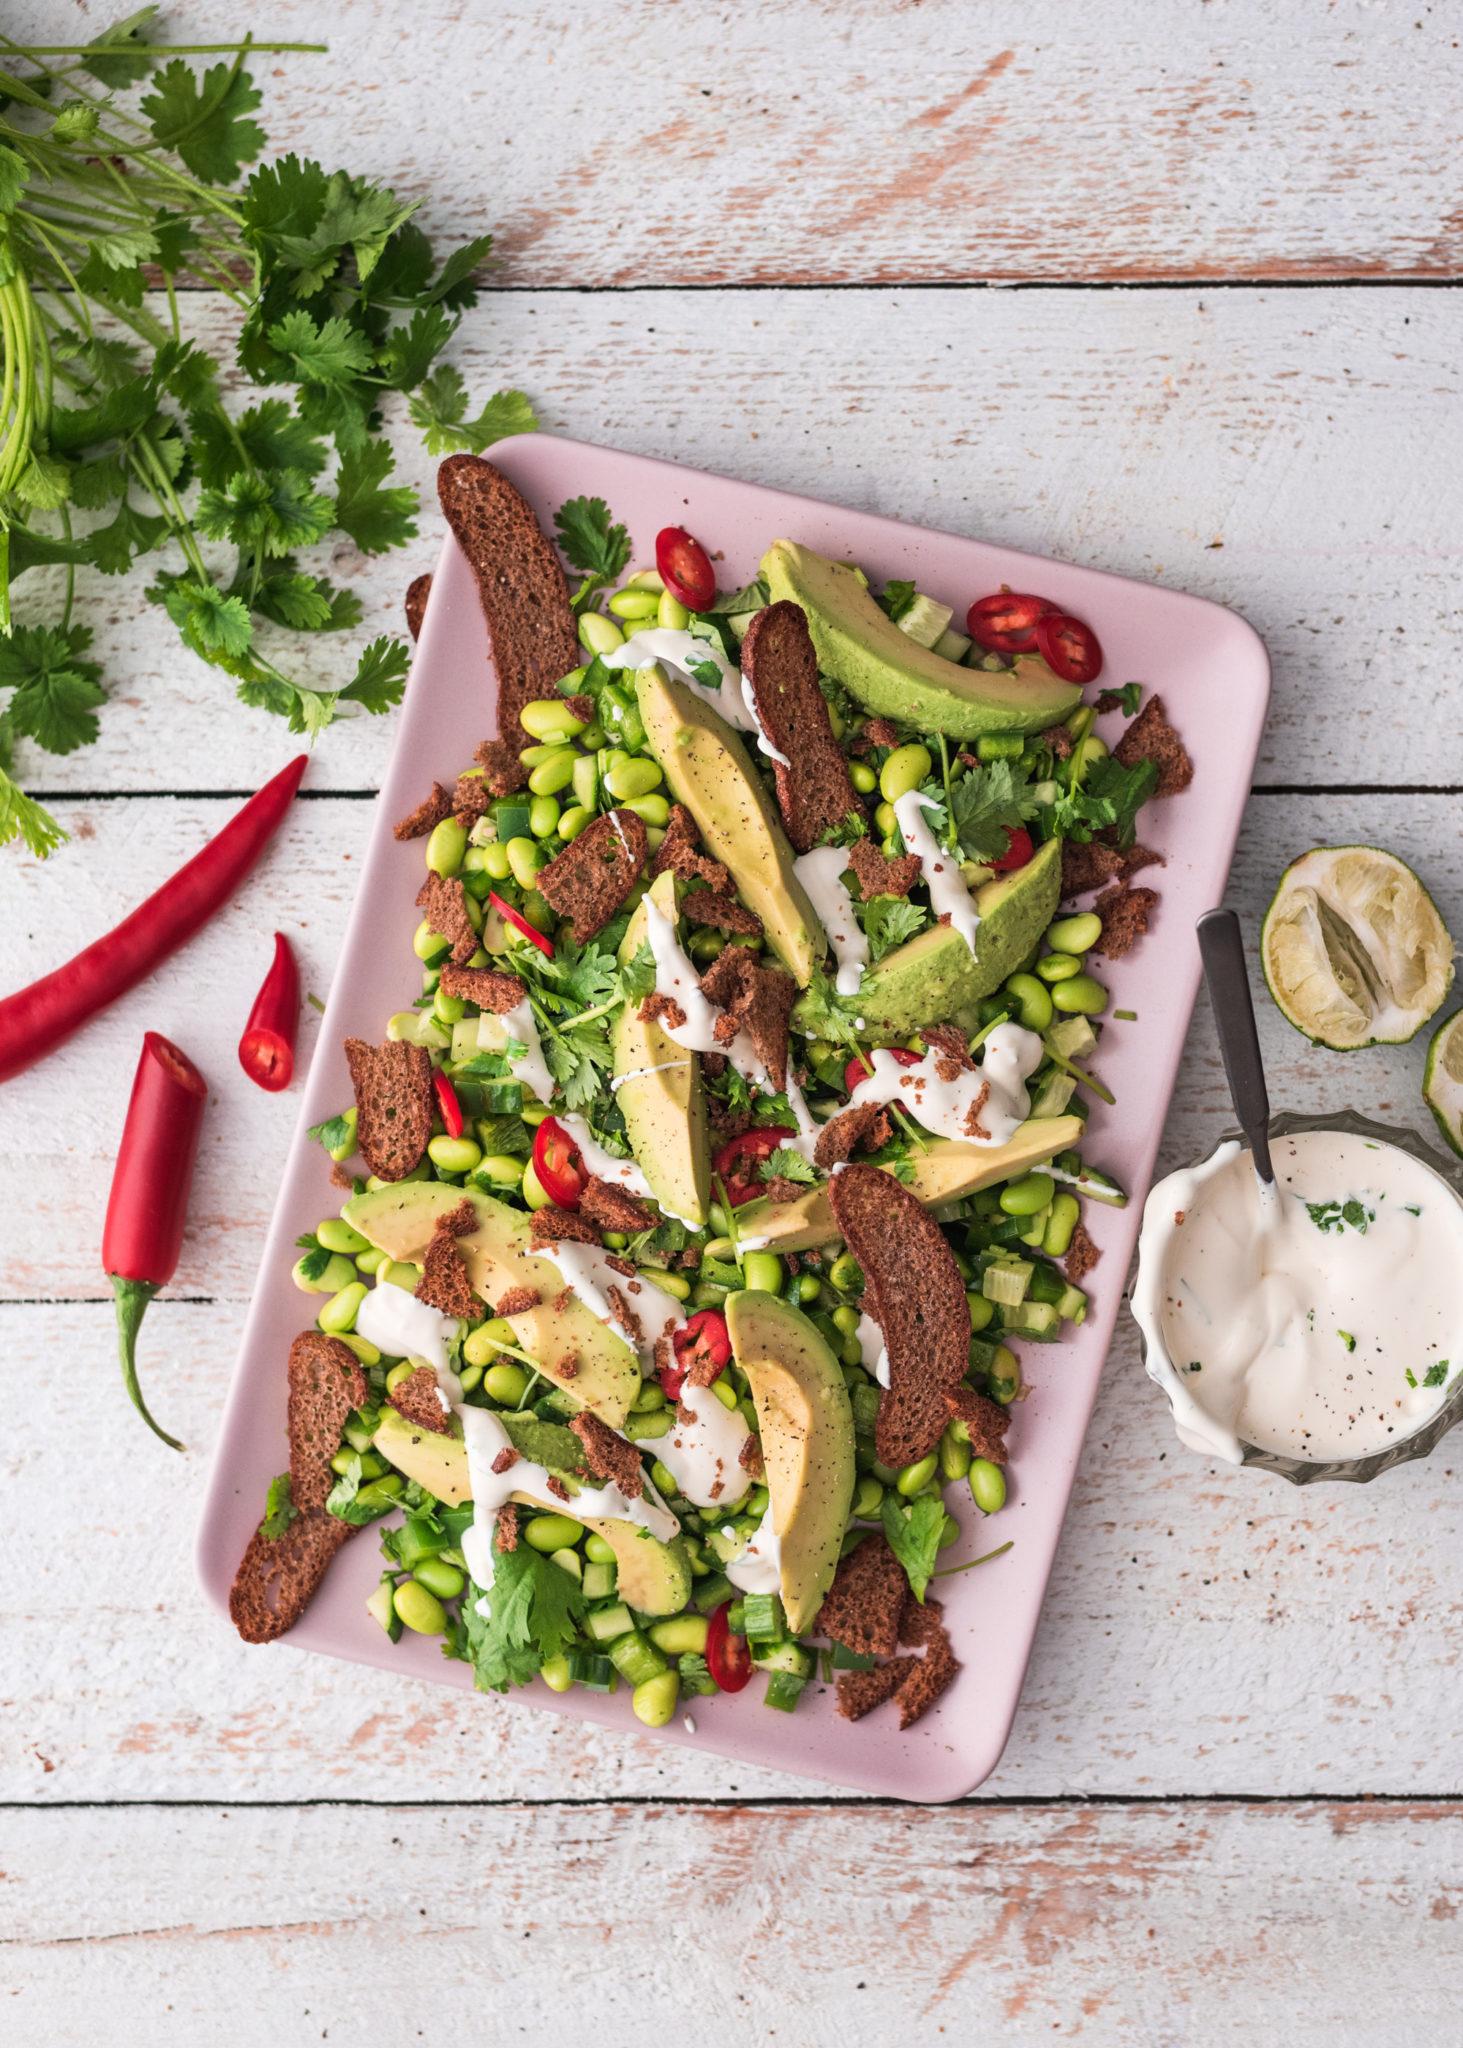 Salaattiviikko osa 3: Vihreä texmex-salaatti jälkiuunilastuilla